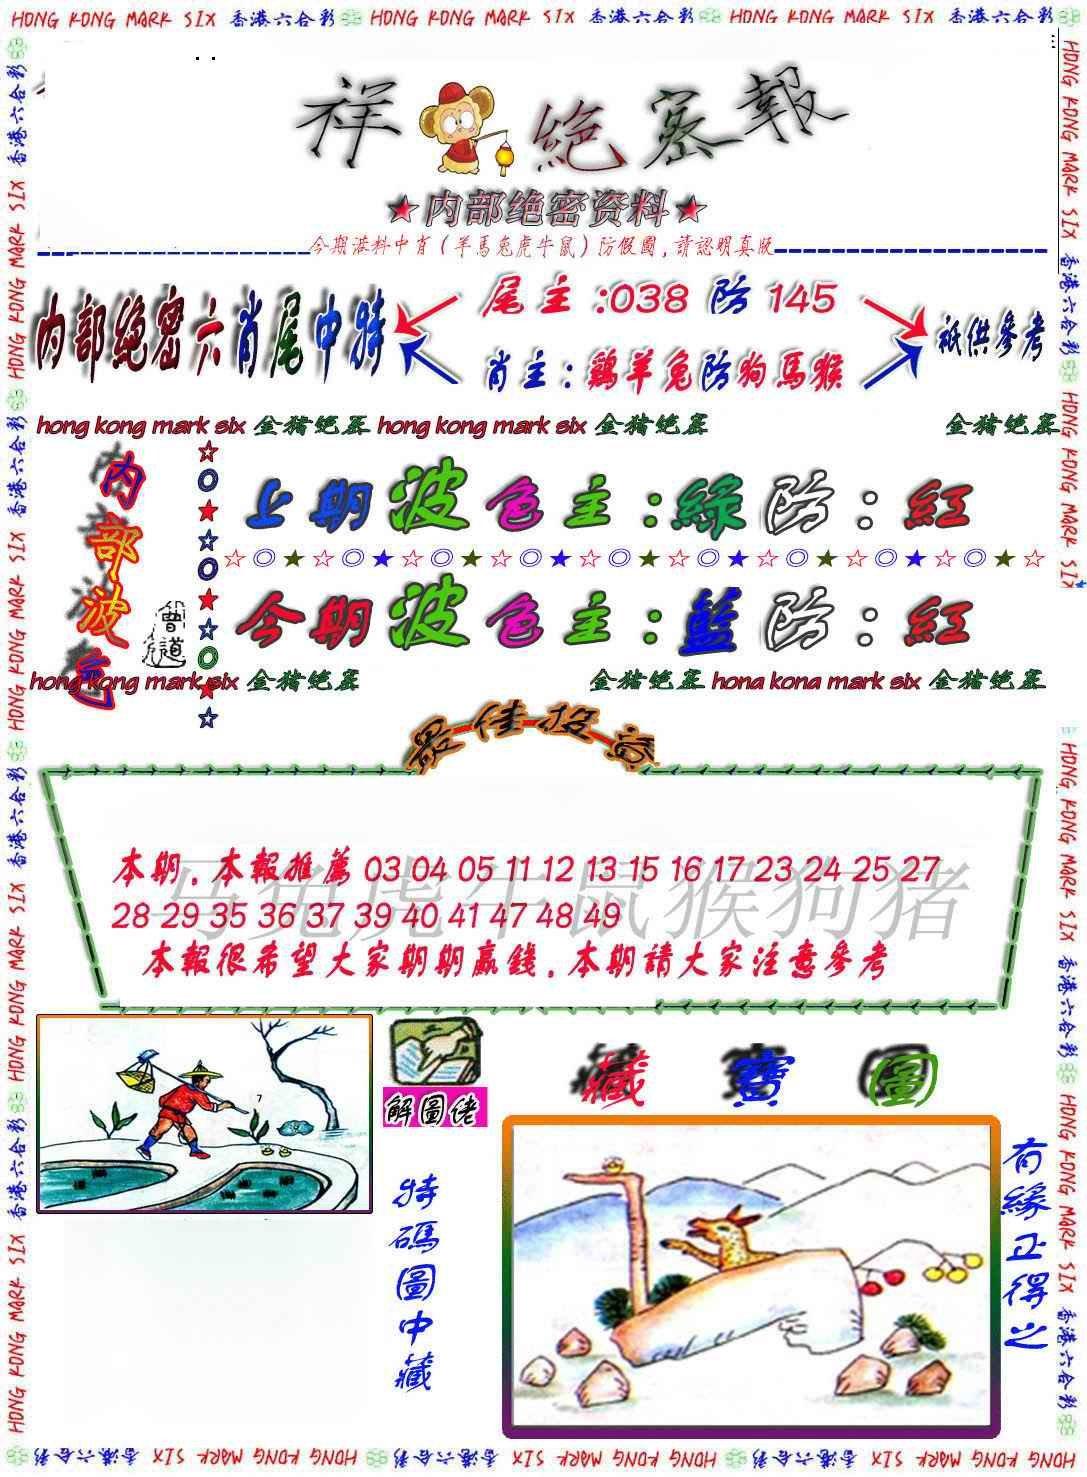 047期金鼠绝密图